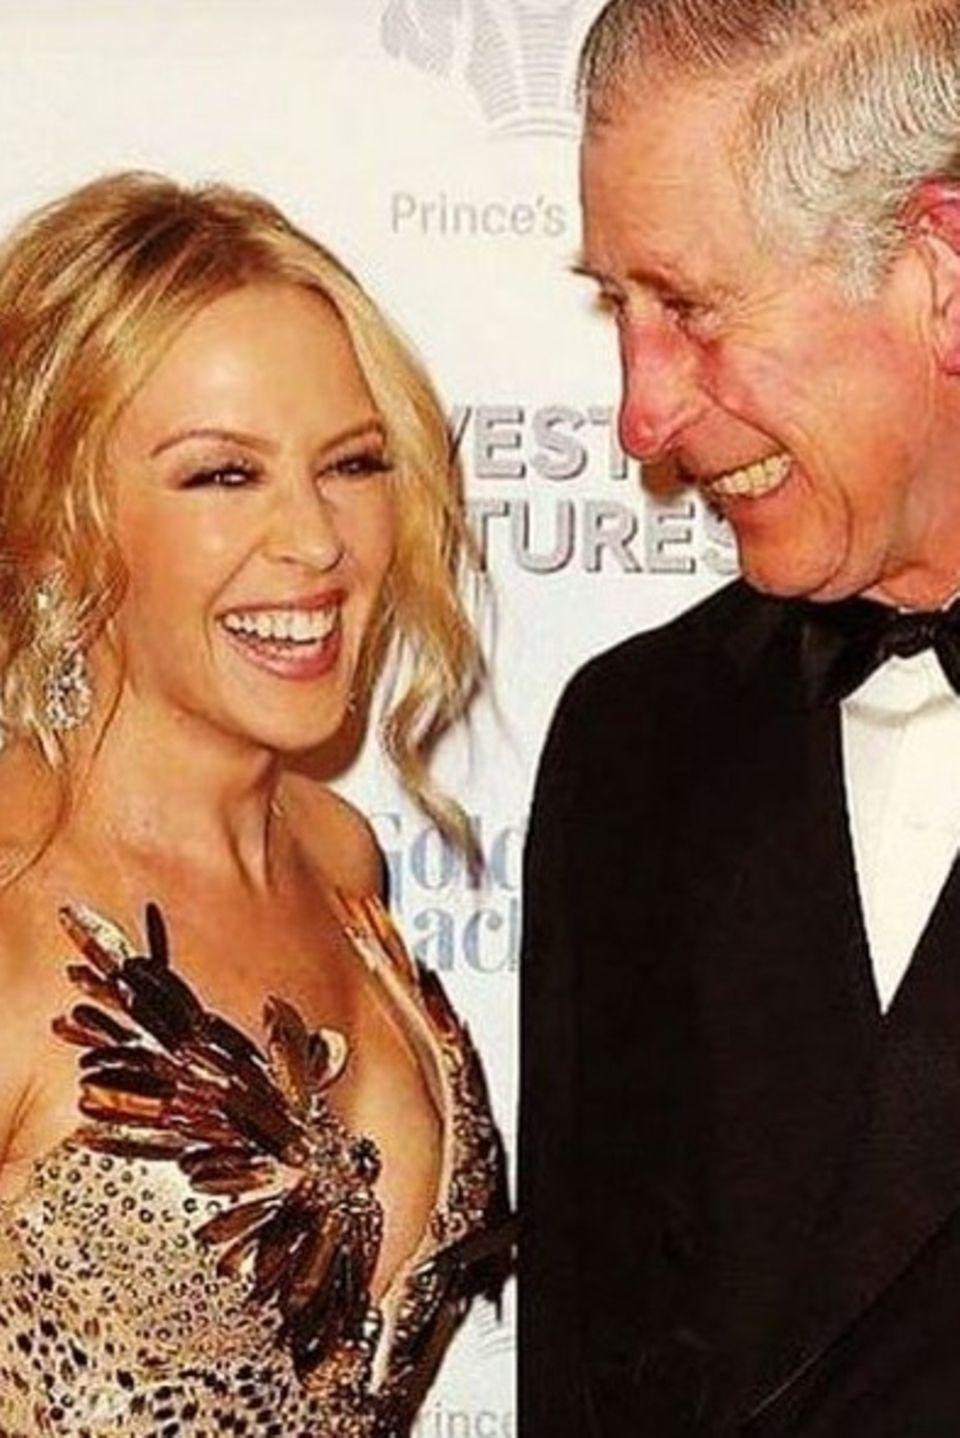 Februar 2016  Bei einer vom britischen Königshaus veranstalteten Charity-Gala halten Kylie Minogue und Prinz Charles ein charmantes Pläuschchen auf dem roten Teppich. Danach wird Kylie in ihrem goldenen Glitzerkleid eine heiße Performance auf der Bühne zeigen.